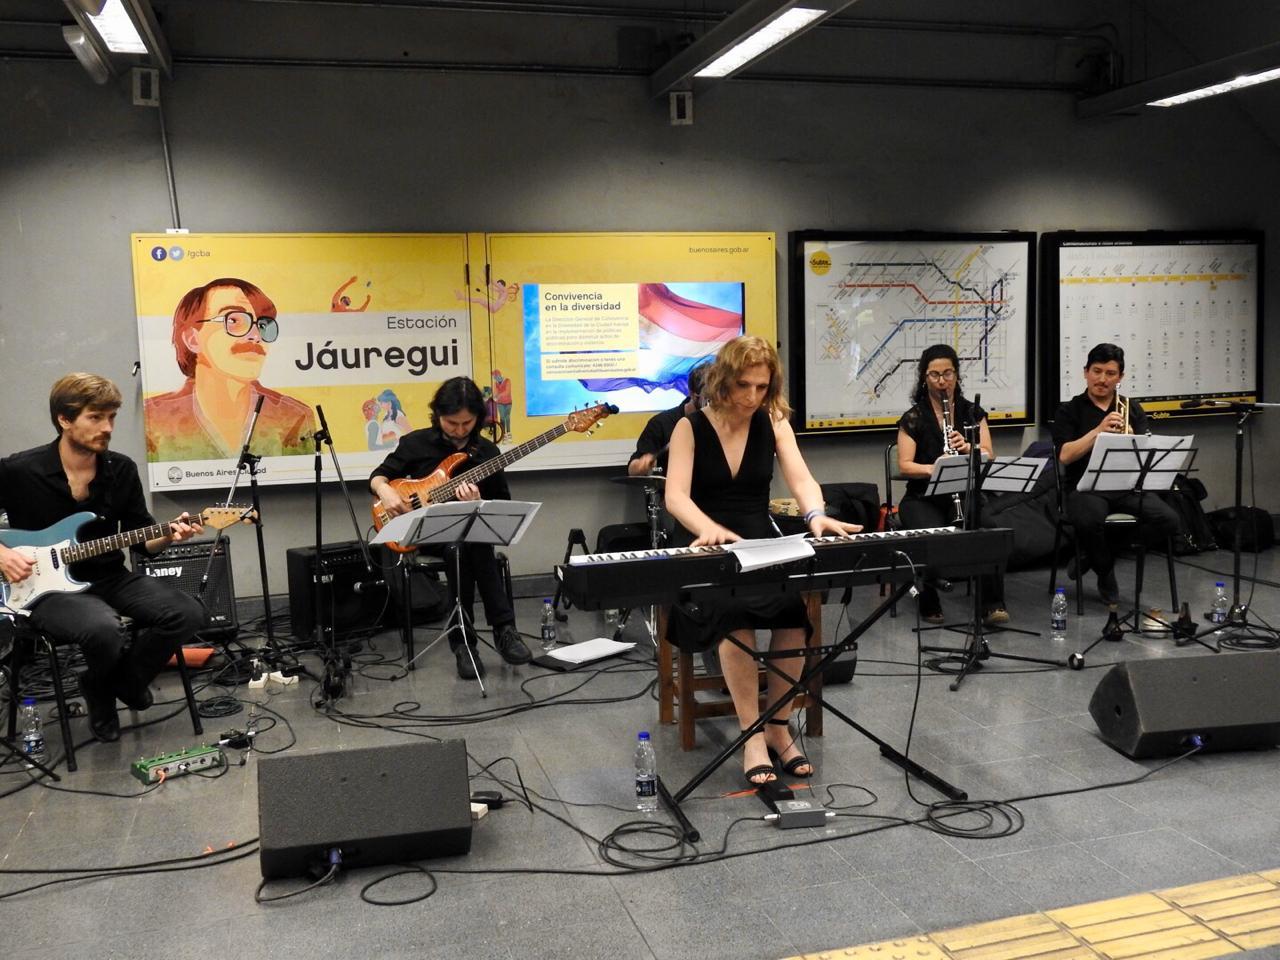 El martes 3 de diciembre, la compositora, pianista y música académica, Calenna Garba, referente en Derechos Humanos, brindó un concierto en la Estación de la Línea H Carlos Jáuregui